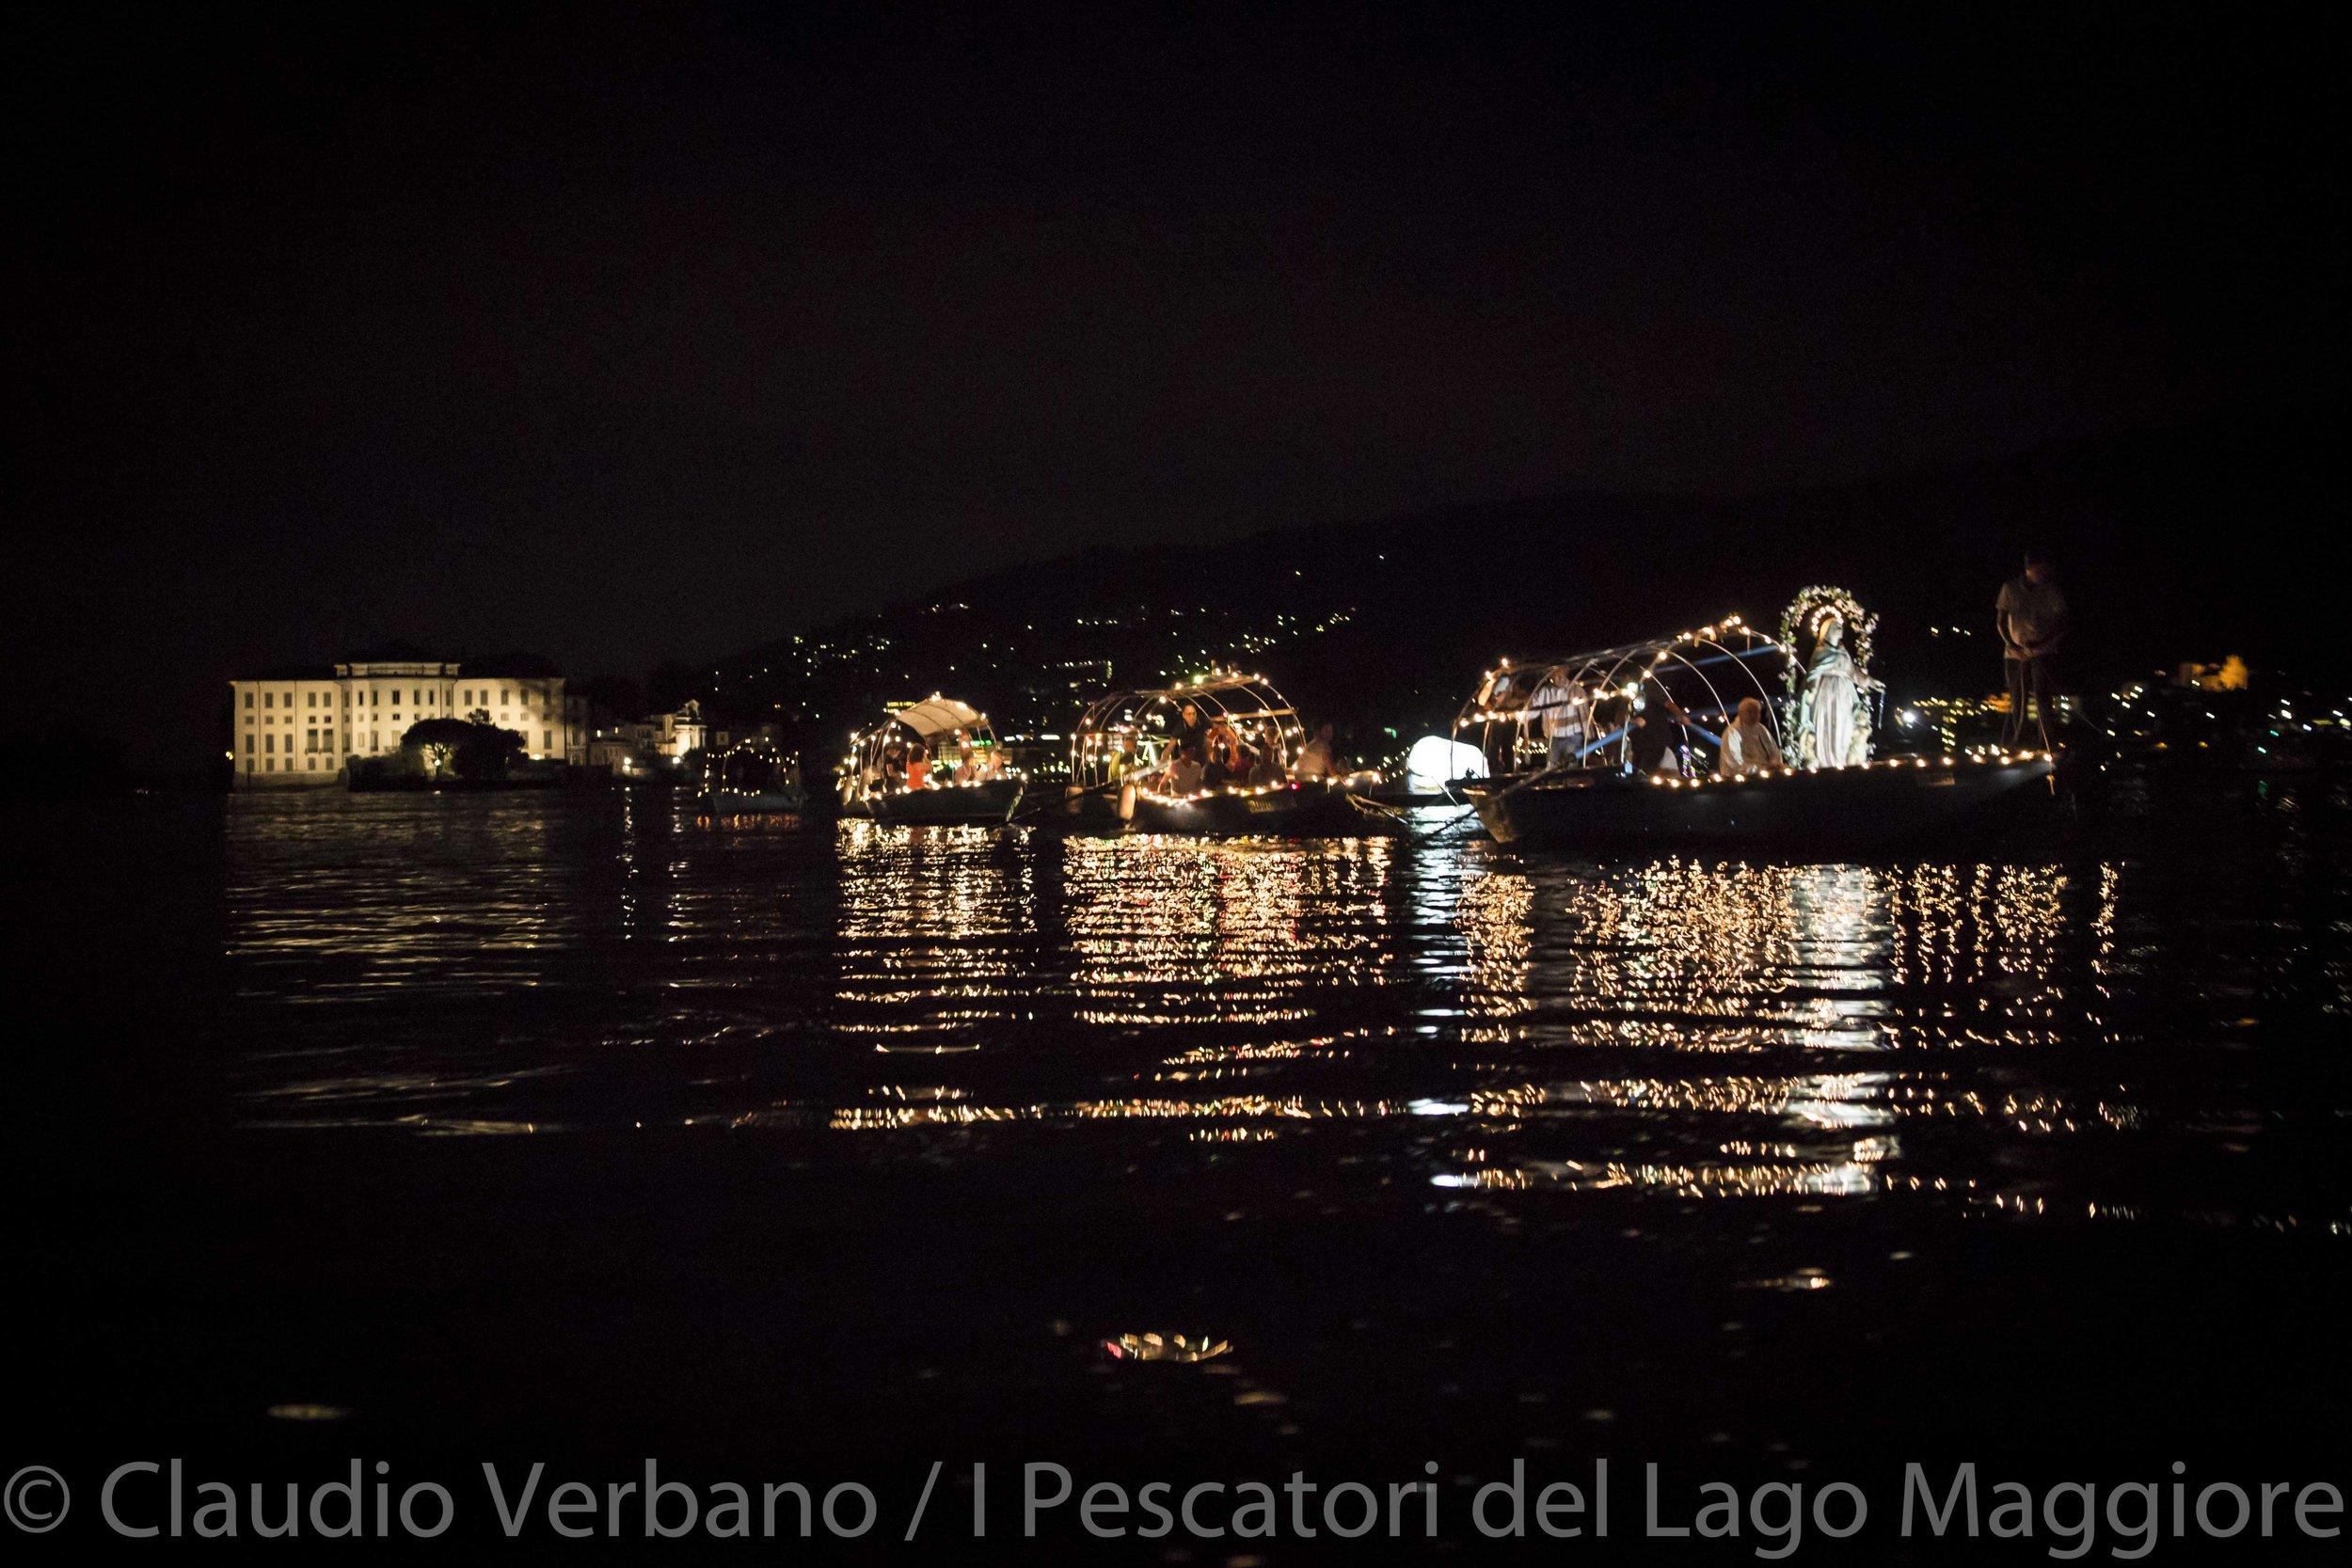 ClaudioVerbano_I Pescatori del Lago Maggiore_12.jpg